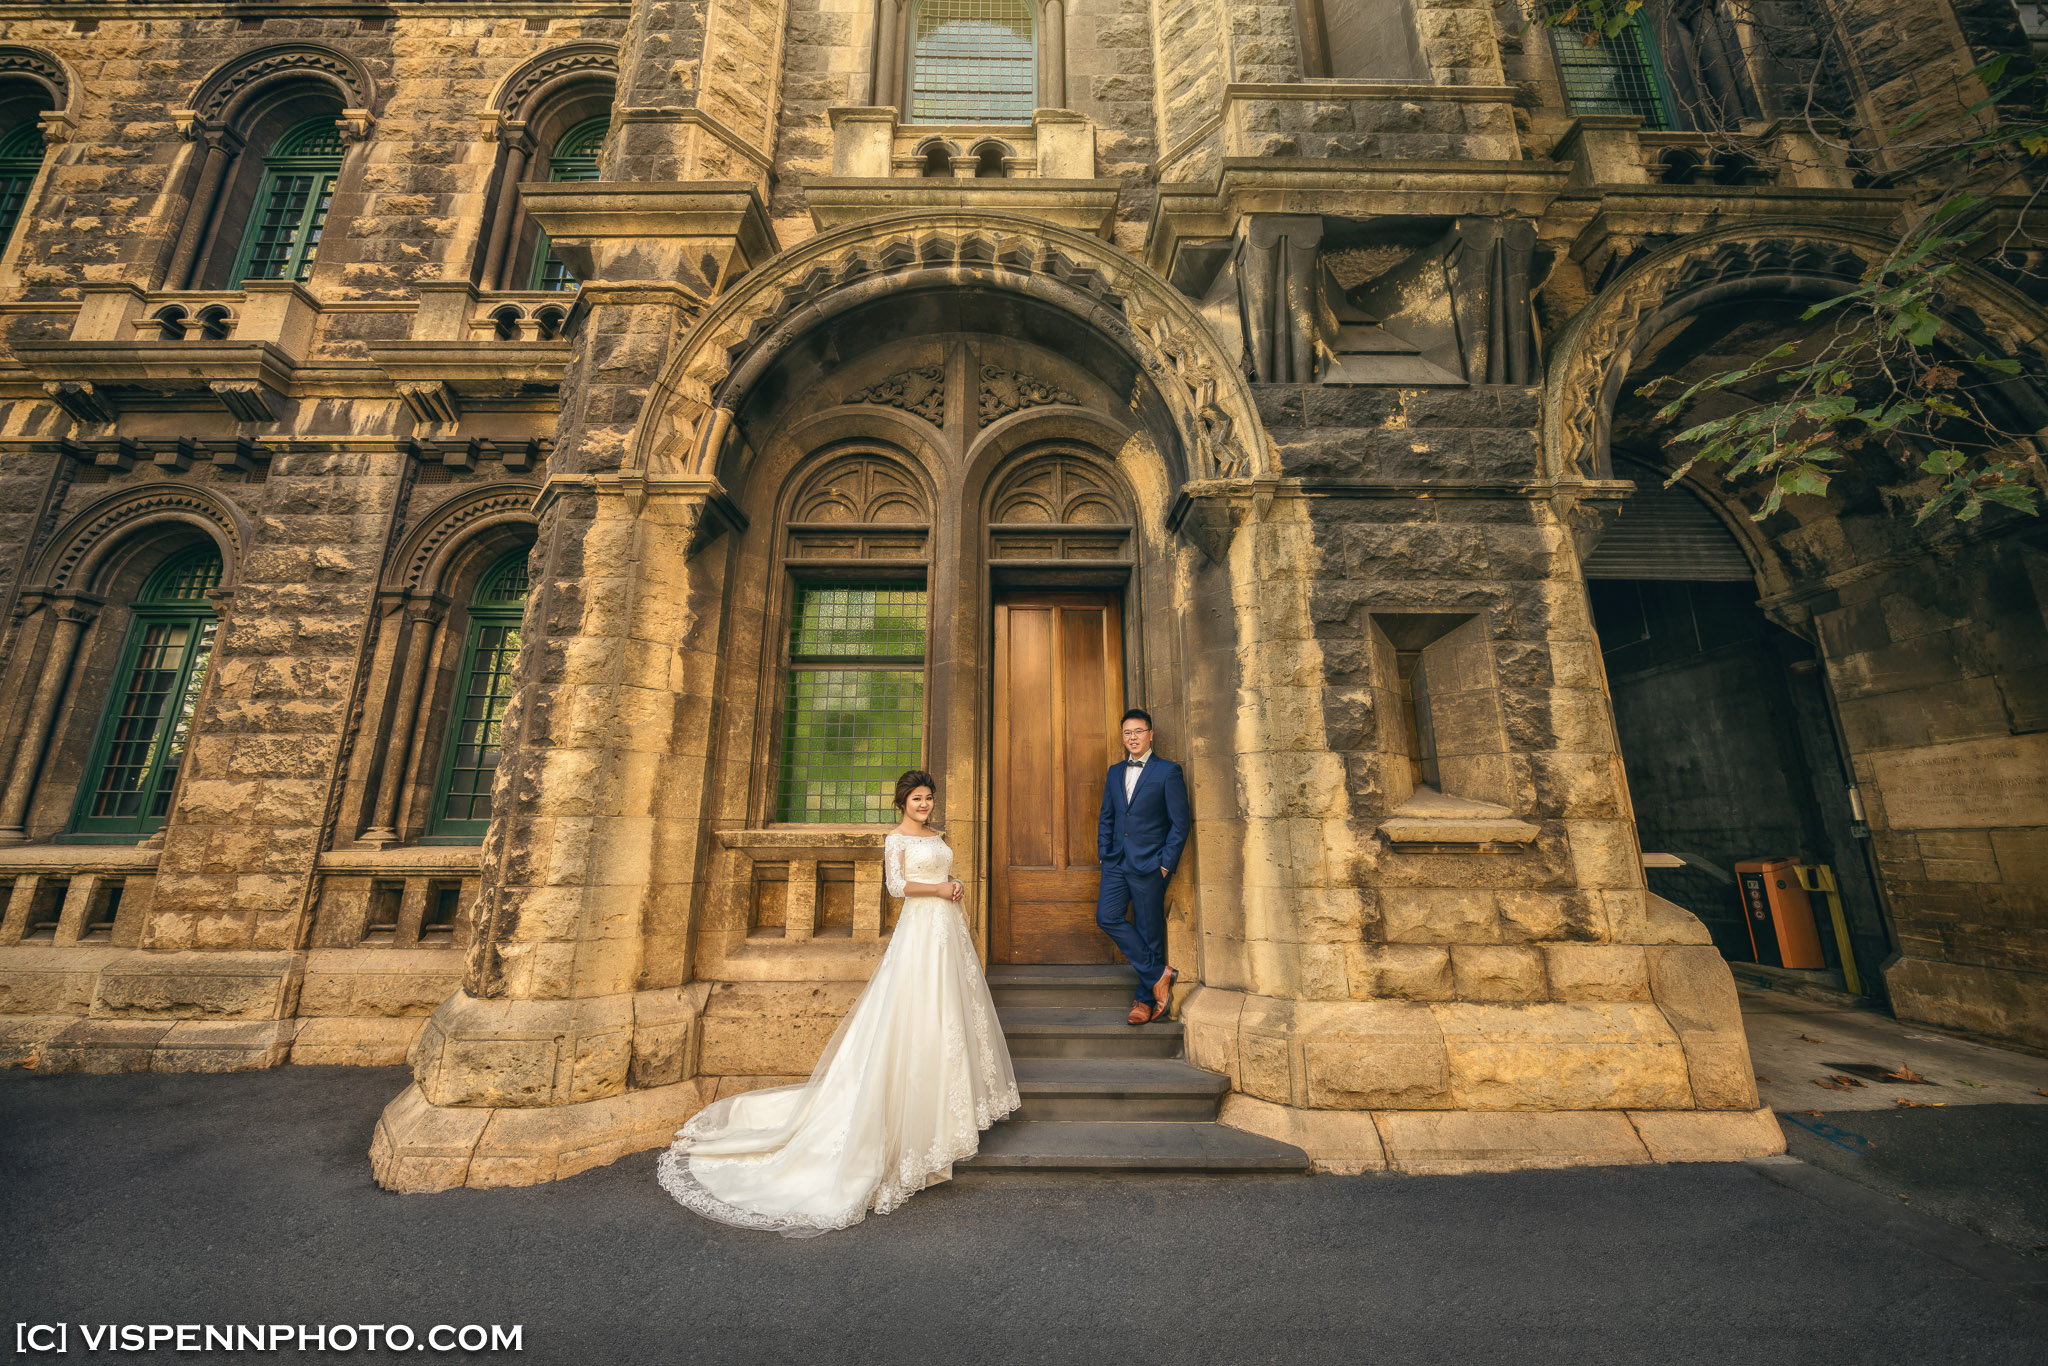 PRE WEDDING Photography Melbourne ZHPENN AthenaXiao 0612 copy